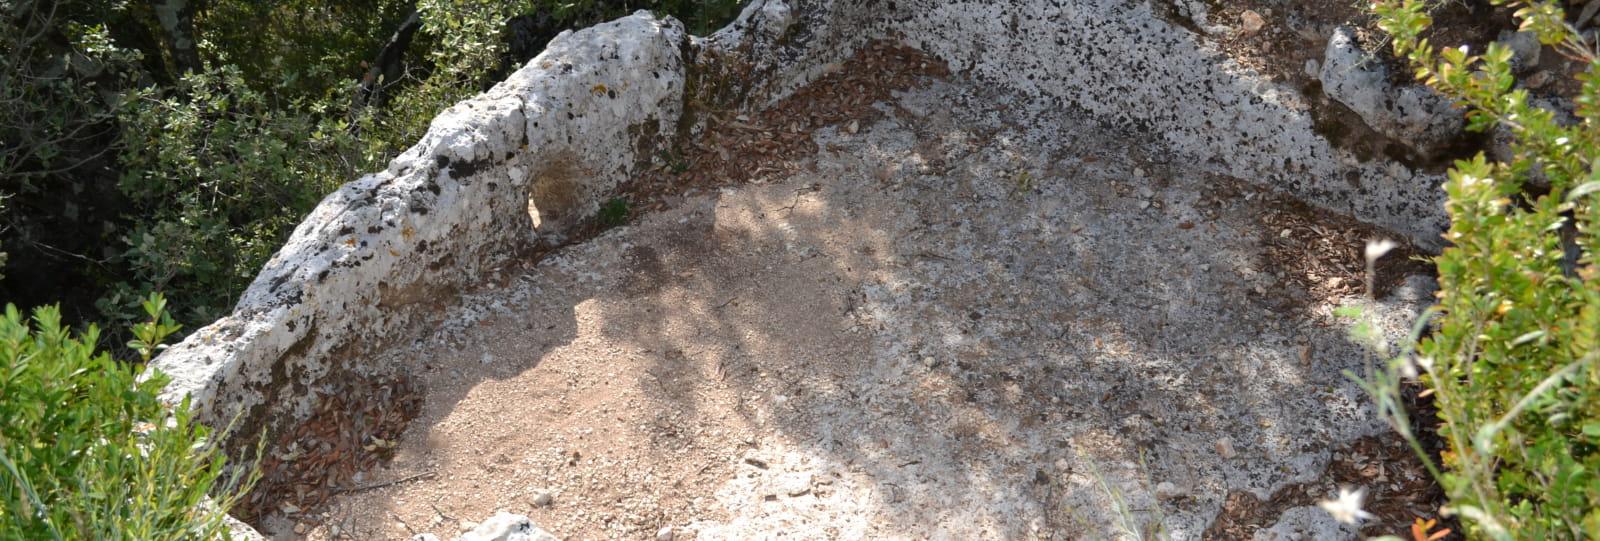 Randonnée guidée autour des cuves lapidaires de La Garde Adhémar